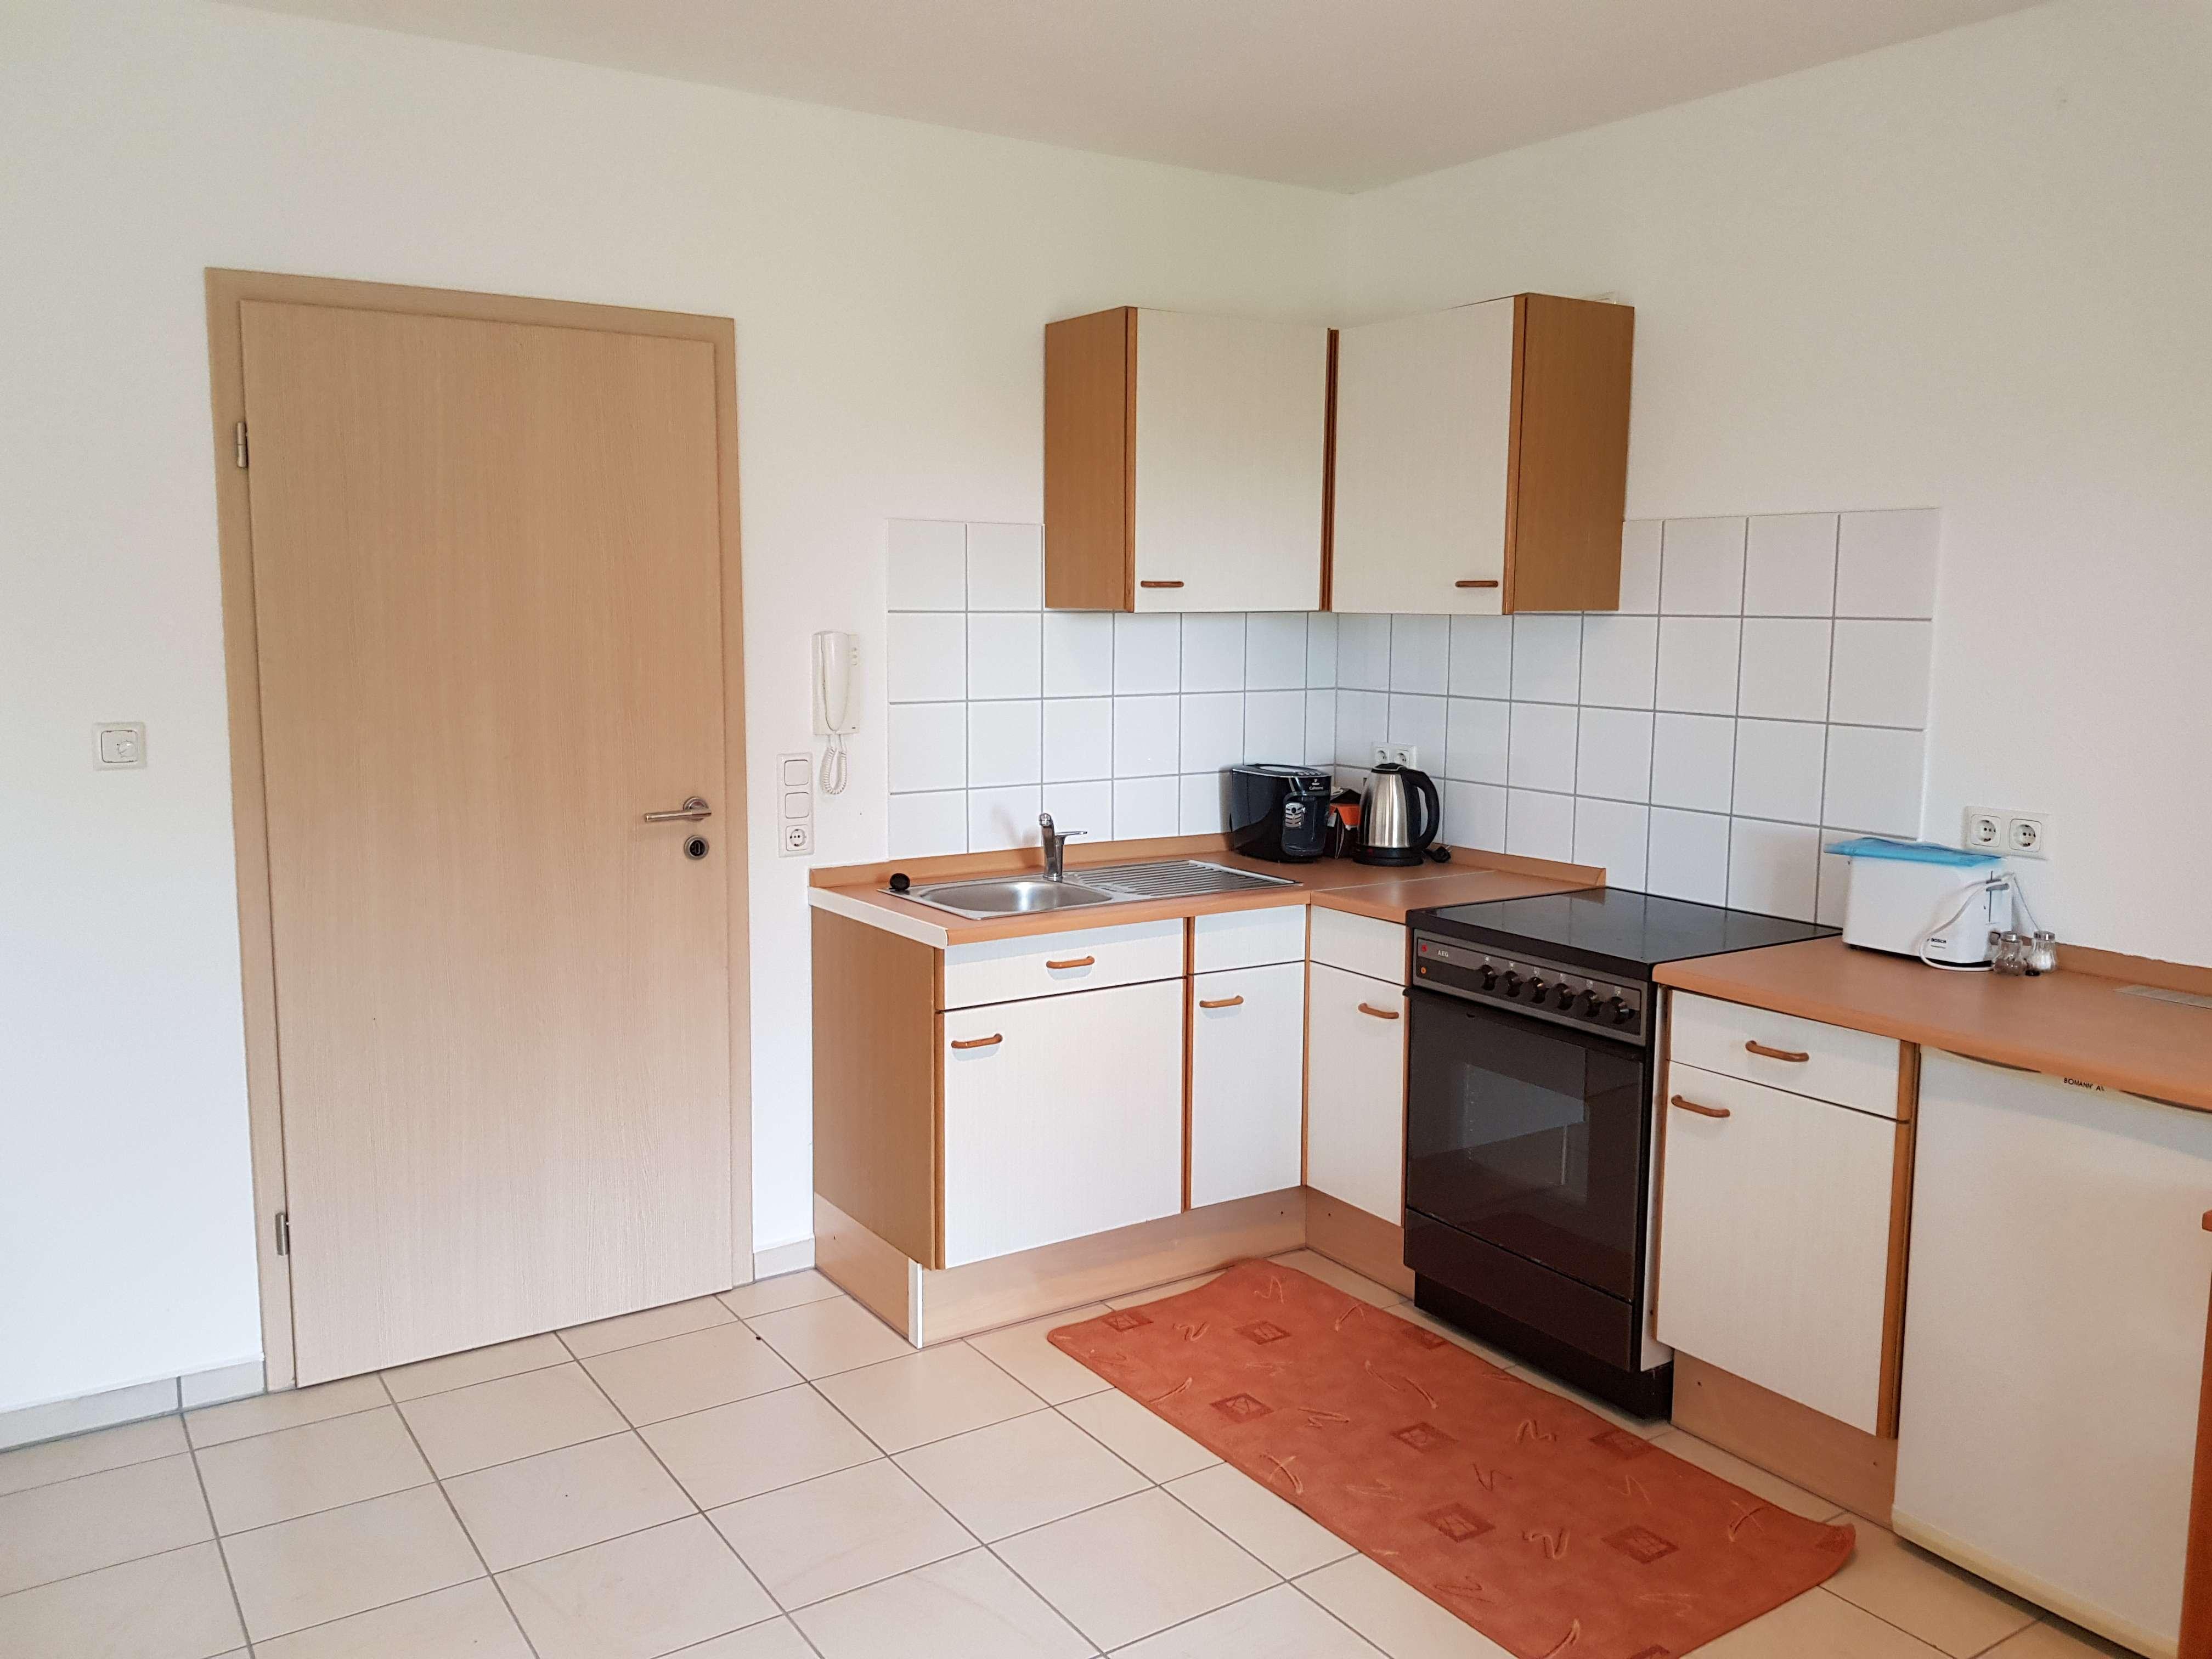 2-Zimmer-Wohnung für Arbeiter, Studenten, Wohnen auf Zeit in Rudelzhausen